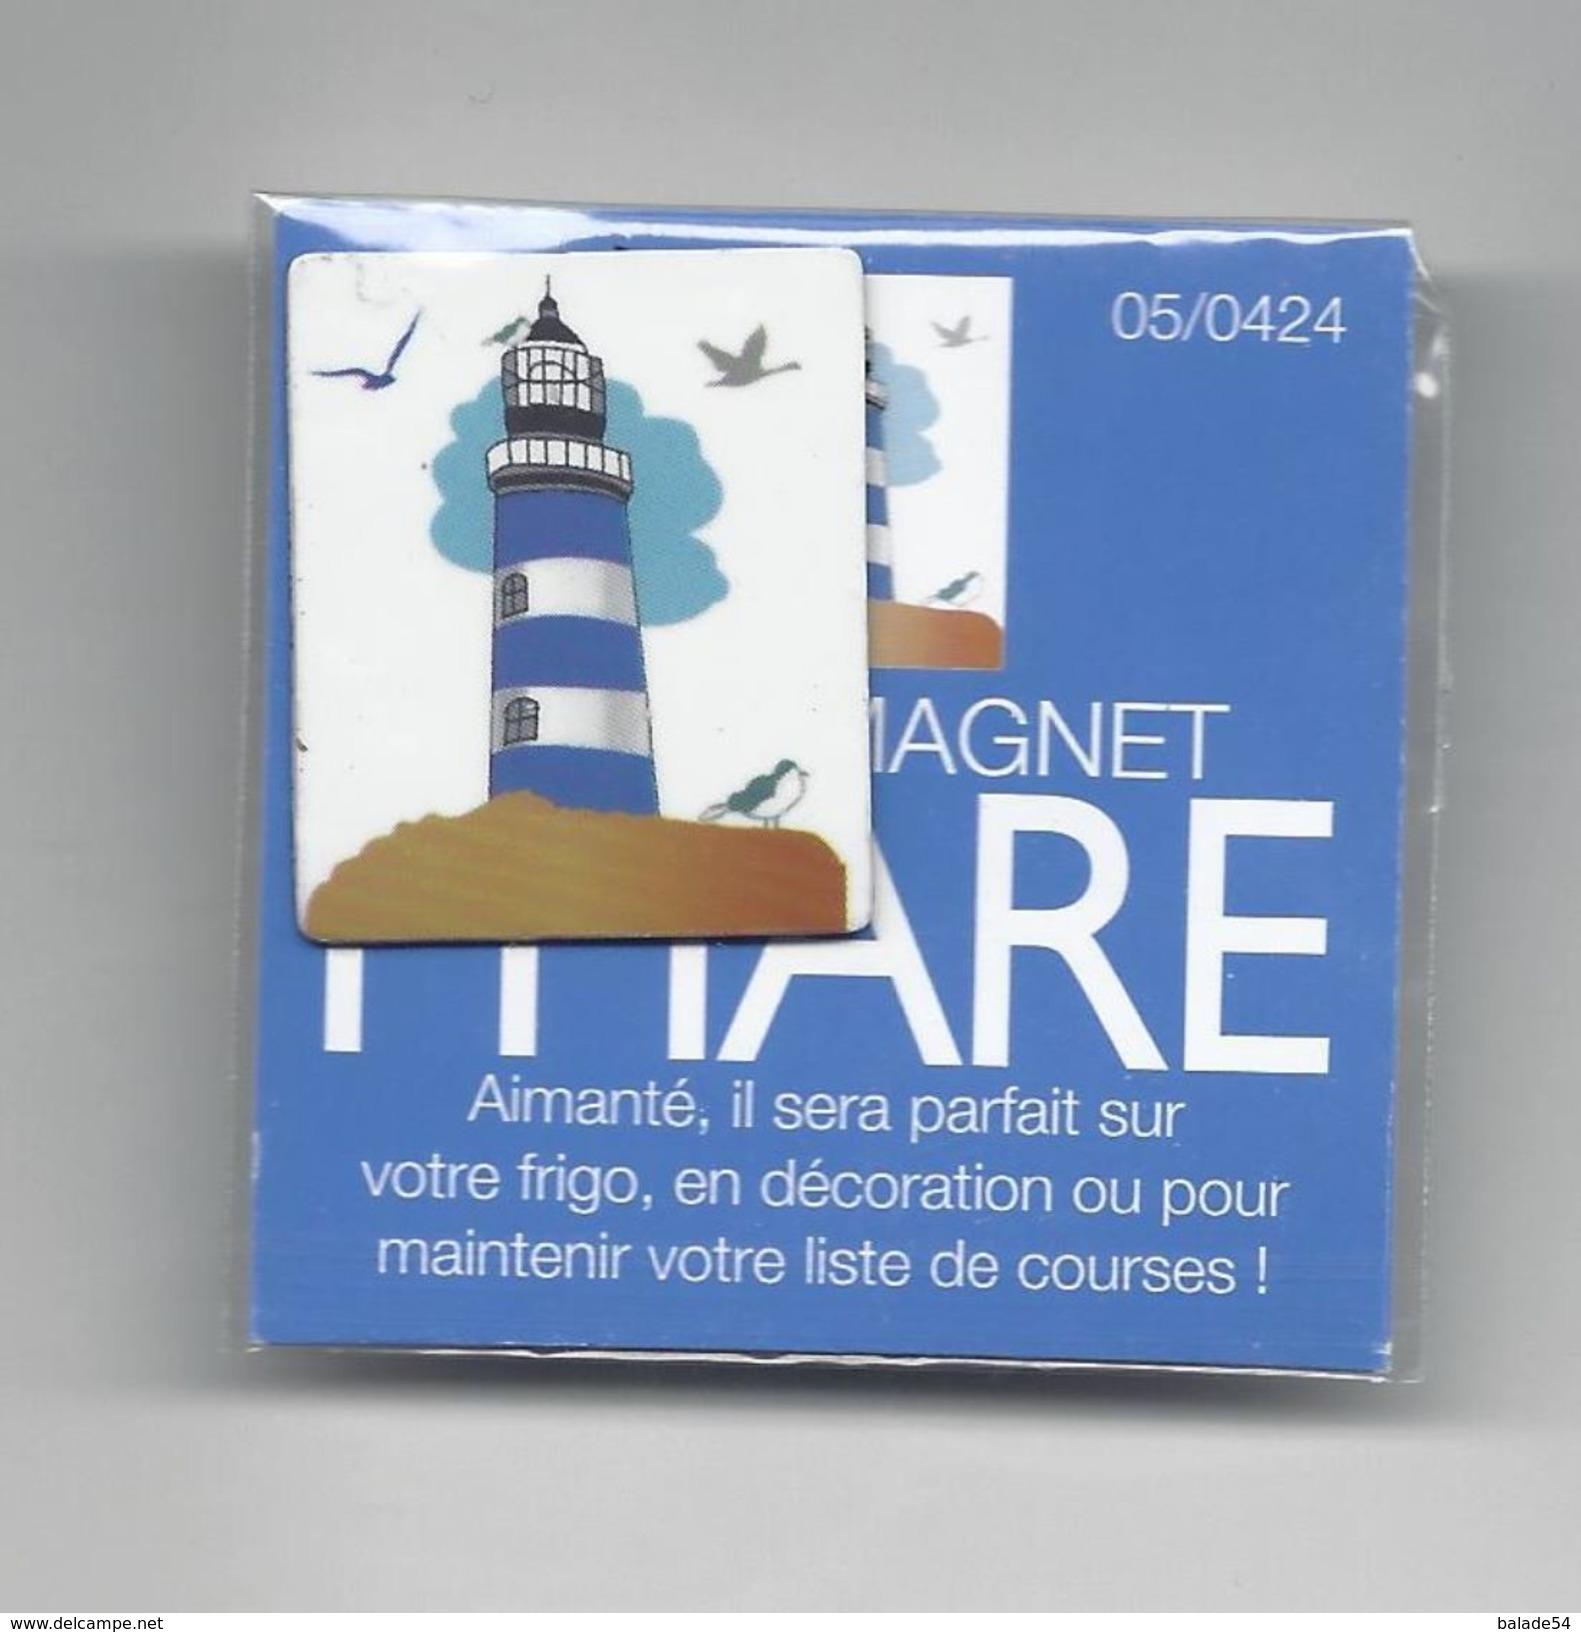 Magnet PHARE Aimanté - Tourisme